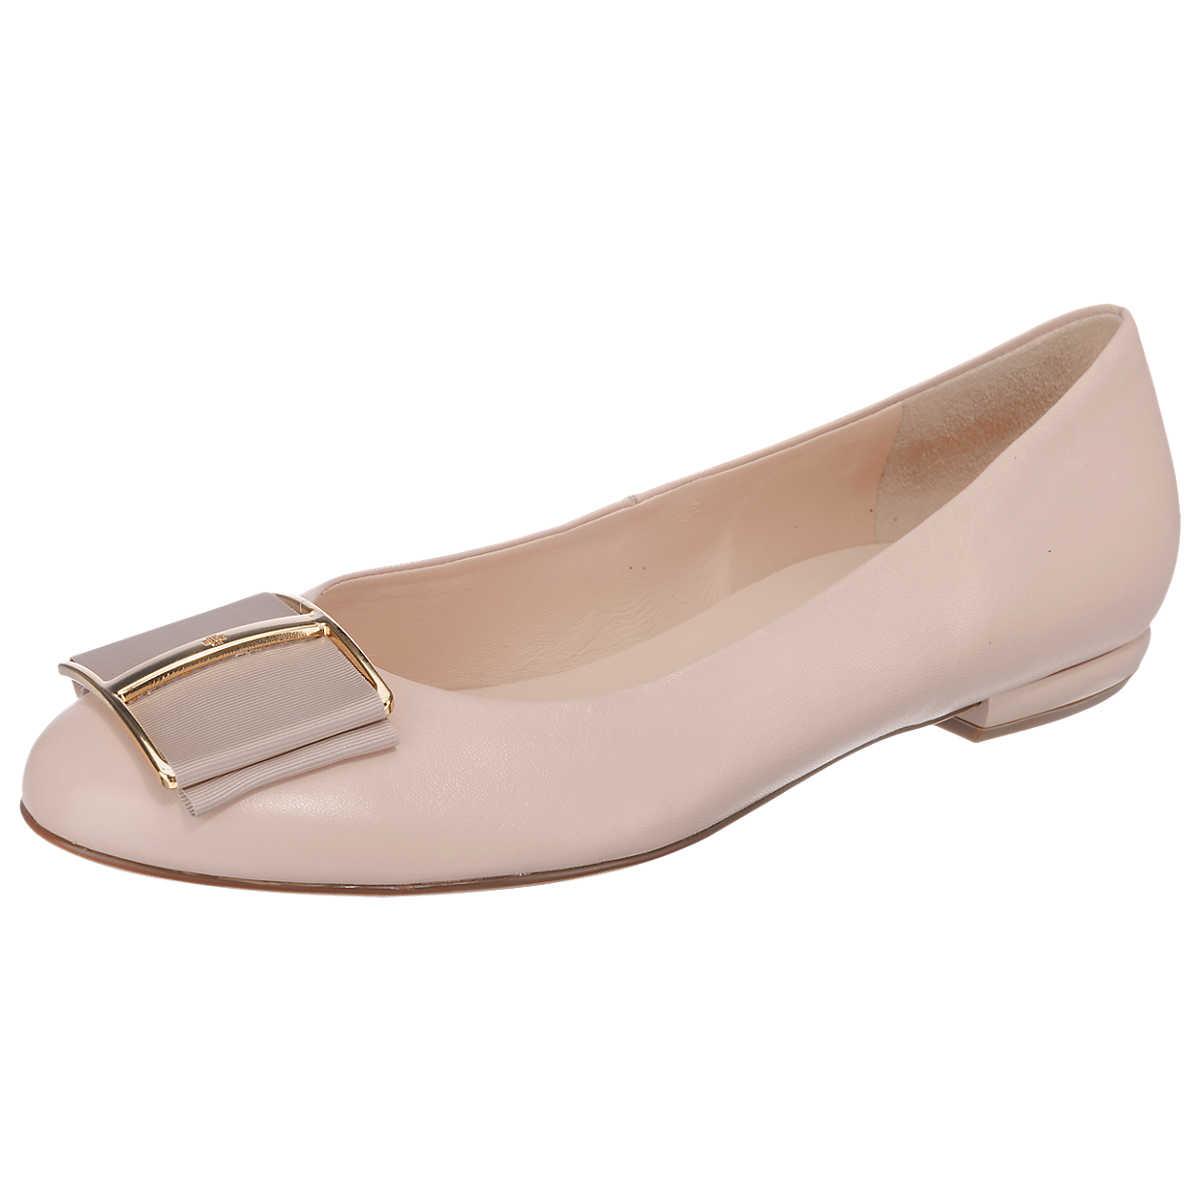 h�¶gl Ballerinas rosa - h�¶gl - Ballerinas - Schuhe - mirapodo.de